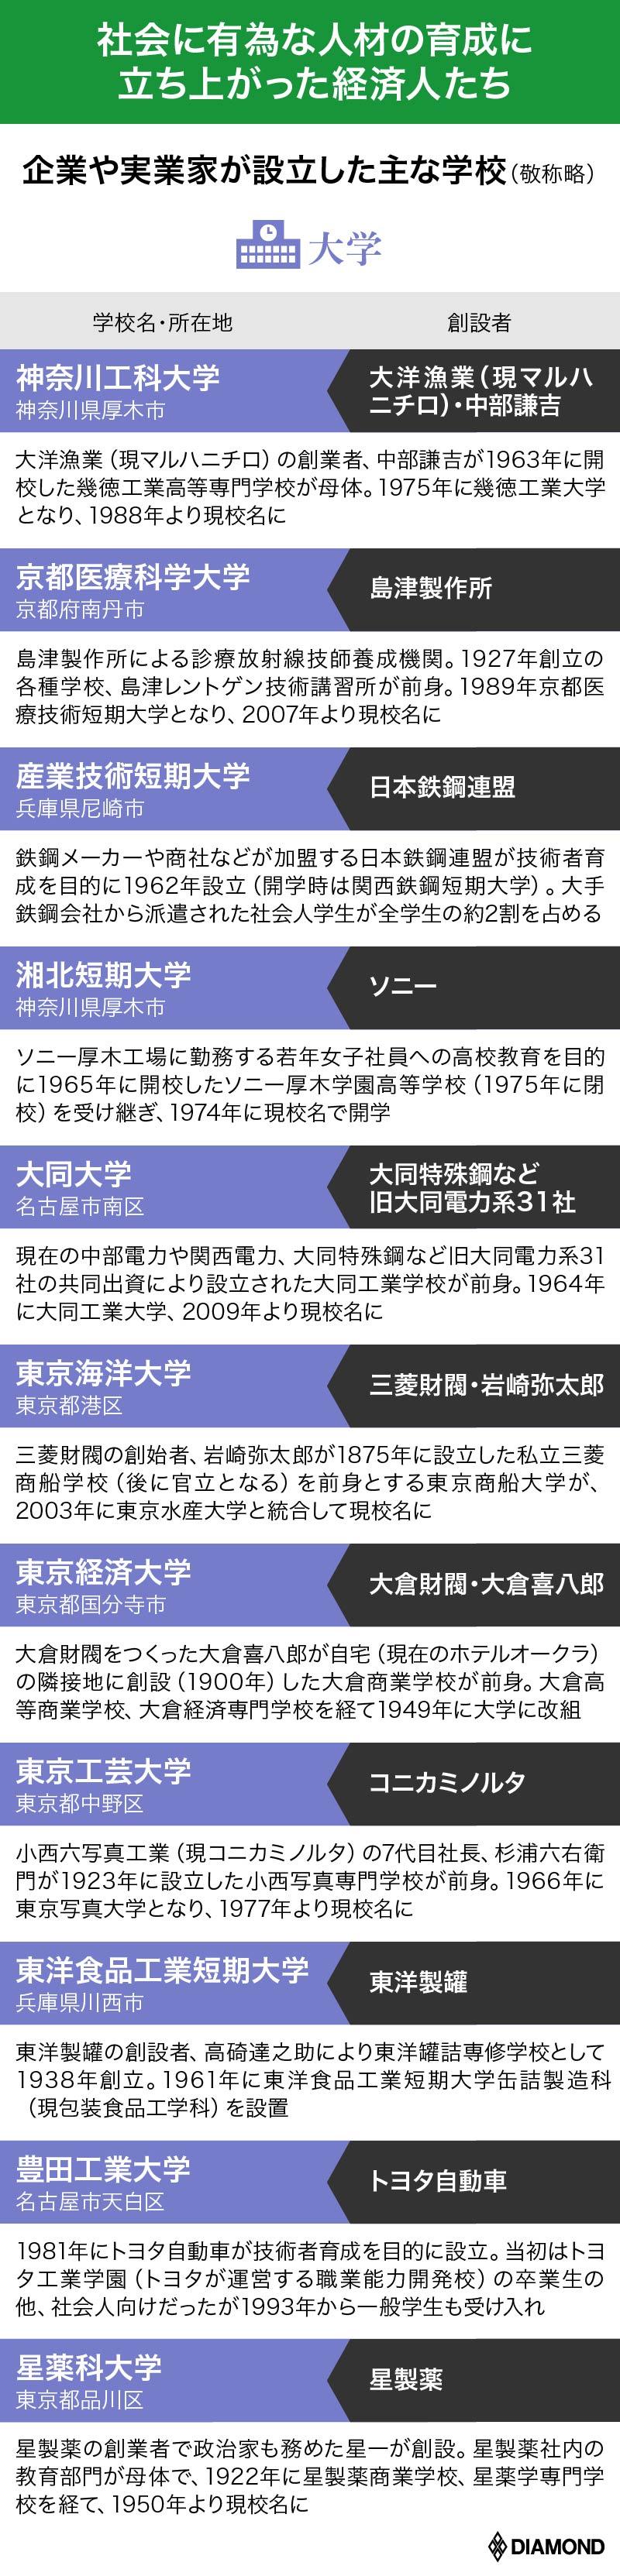 人・組織を鍛え抜く 日本電産「永守流」#10 企業や事業家が設立した主な学校